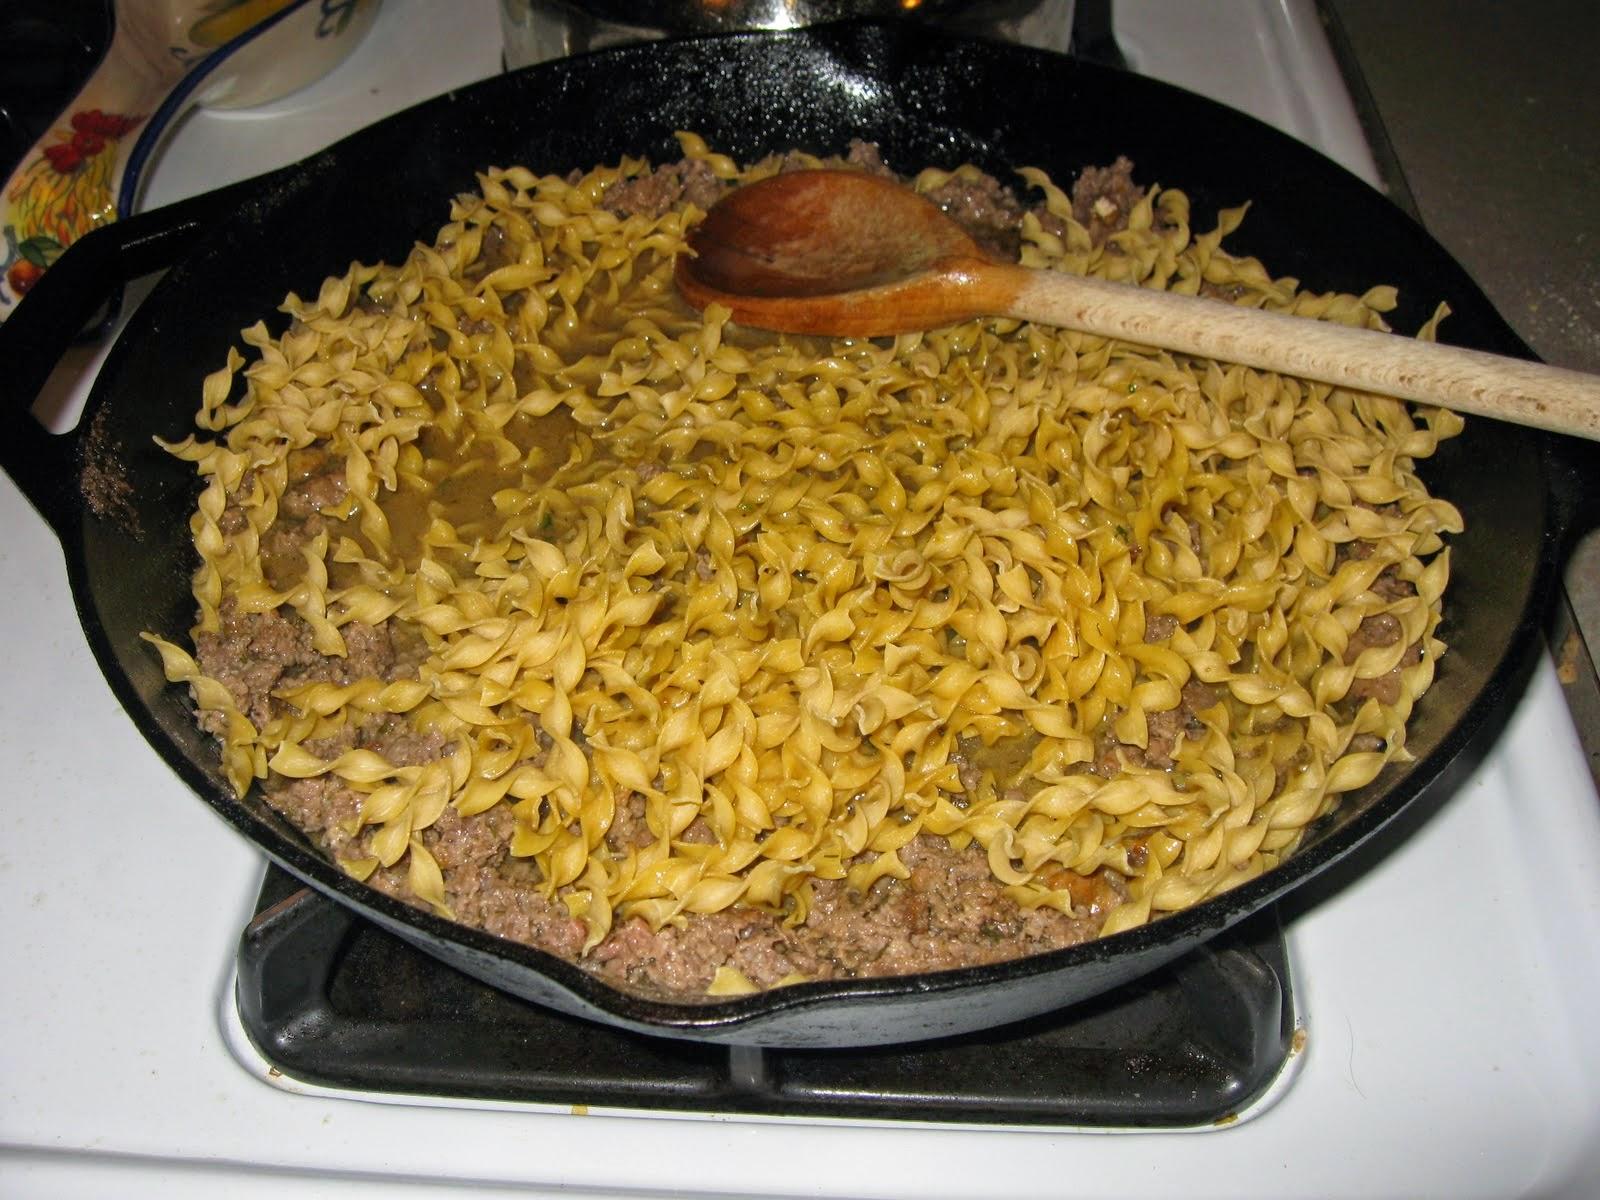 Q Cocinar Hoy | Recetas De Hostel Hoy Stroganoff Simple El Blog De La Rocca